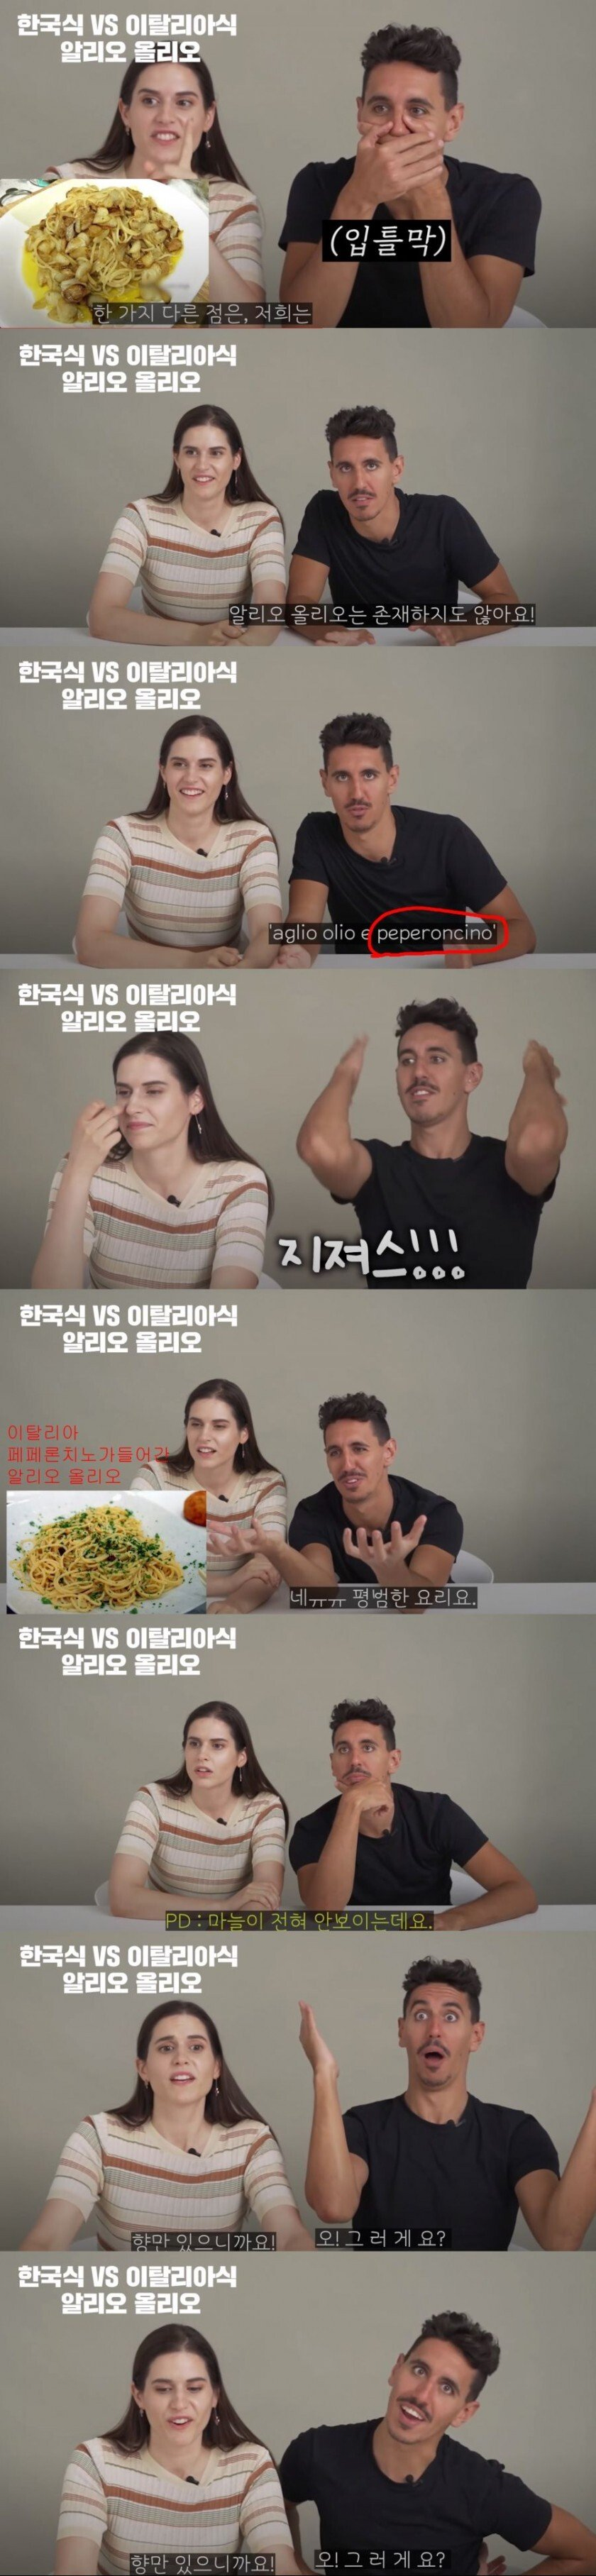 한국식 알리오 올리오